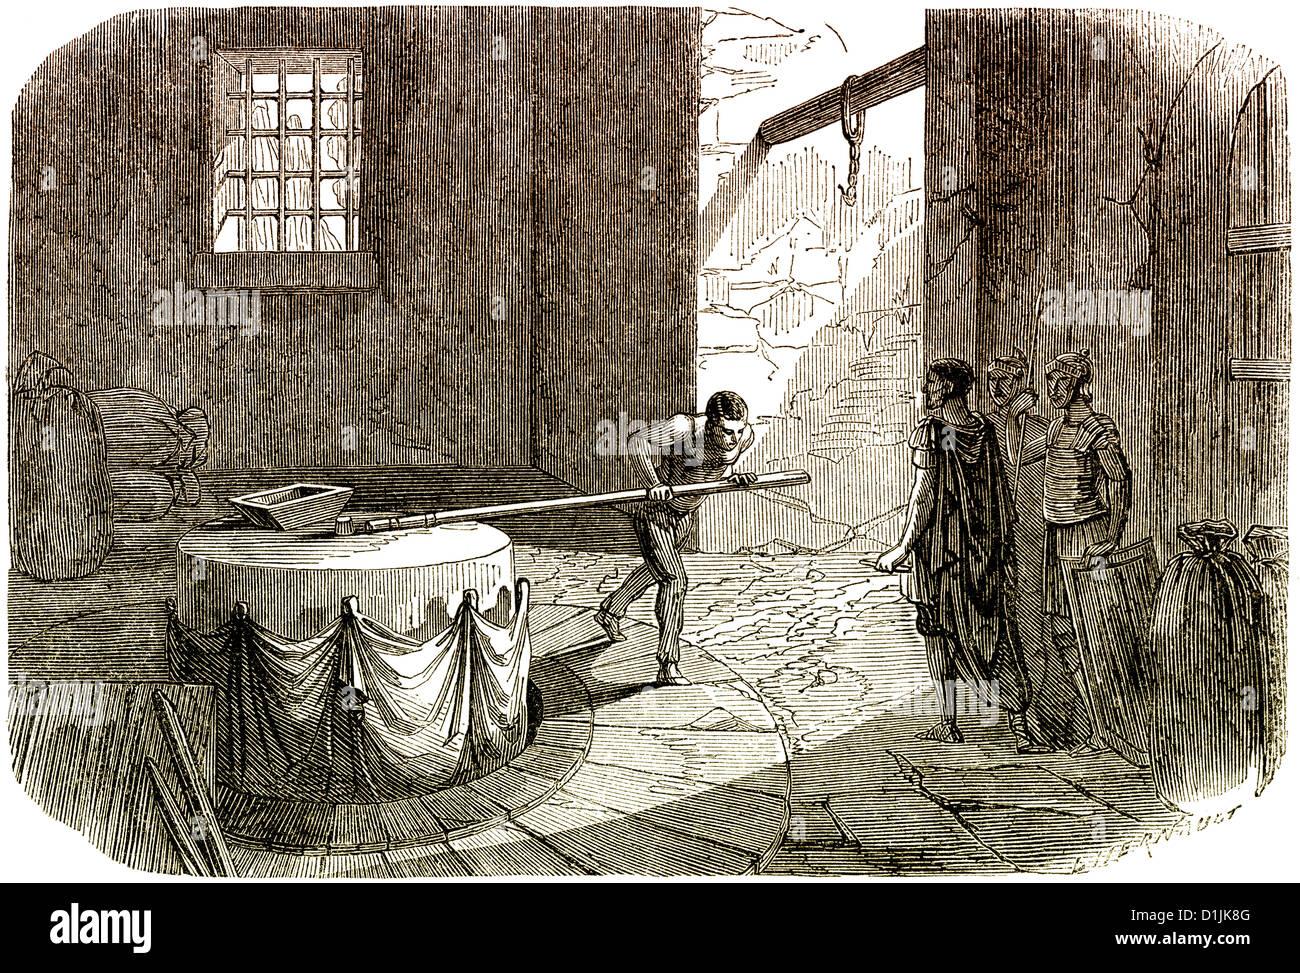 Scène de l'histoire de France, un homme de tourner la meule de la civilisation gallo-romaine en Gaule, Photo Stock